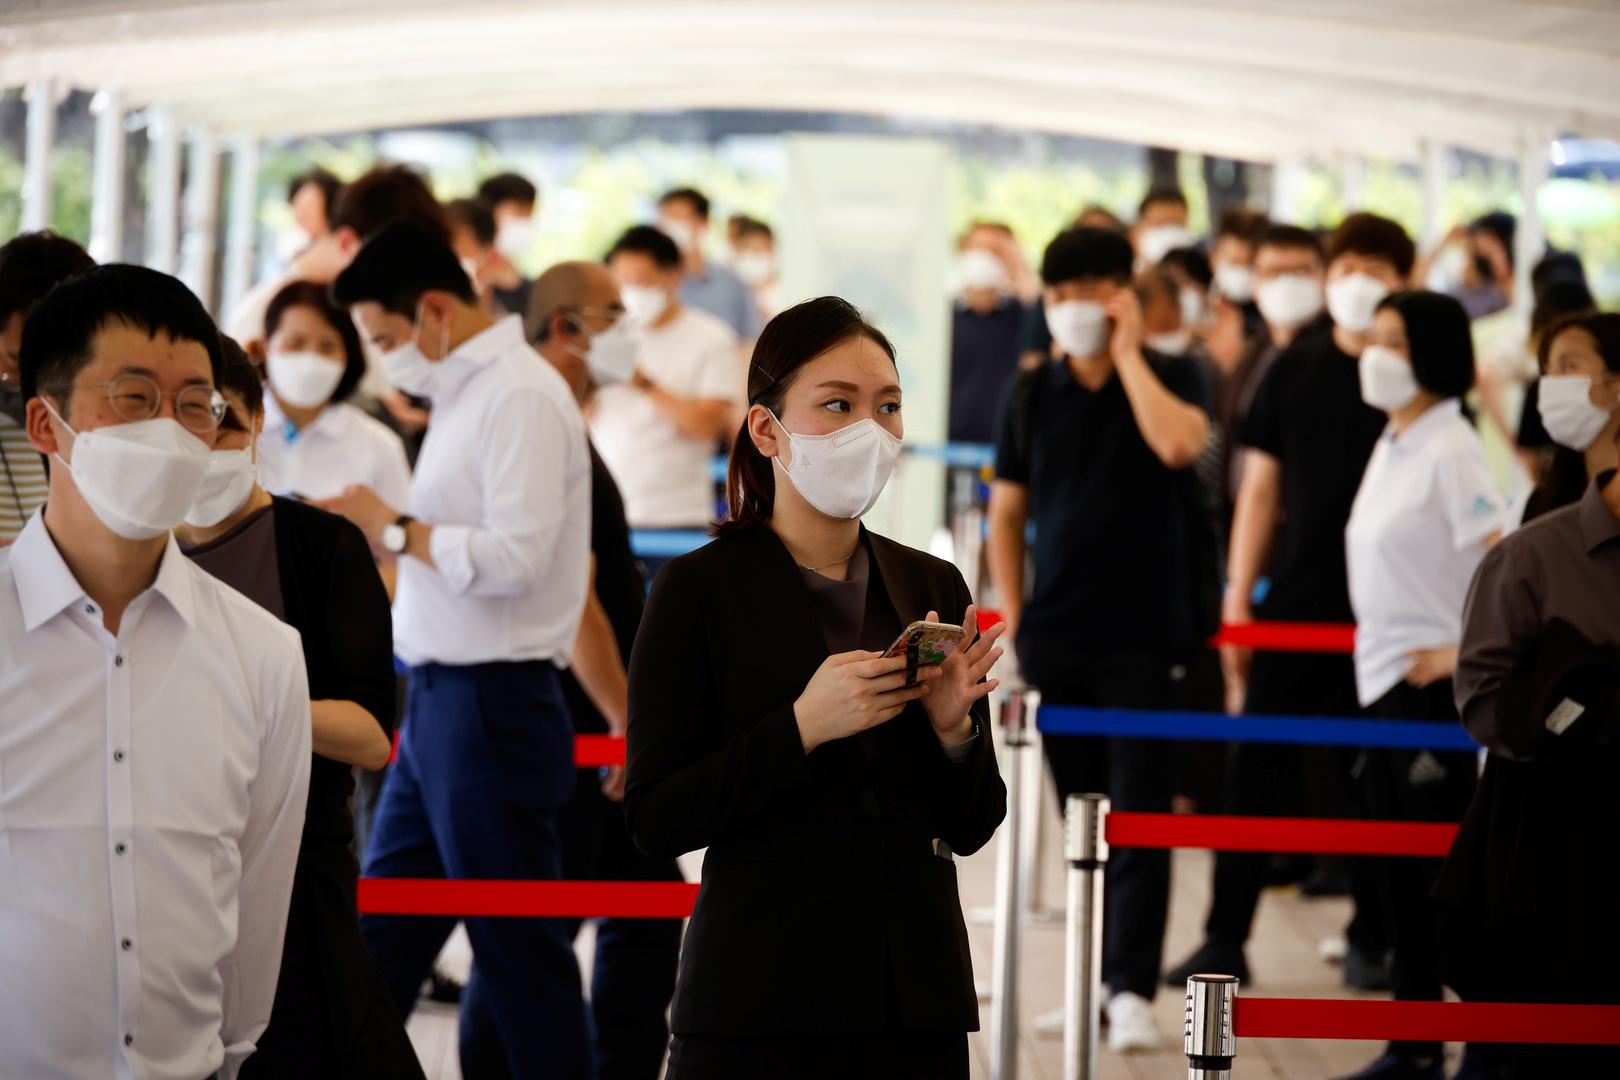 كوريا الجنوبية تسجل حصيلة قياسية جديدة بإصابات كورونا اليومية